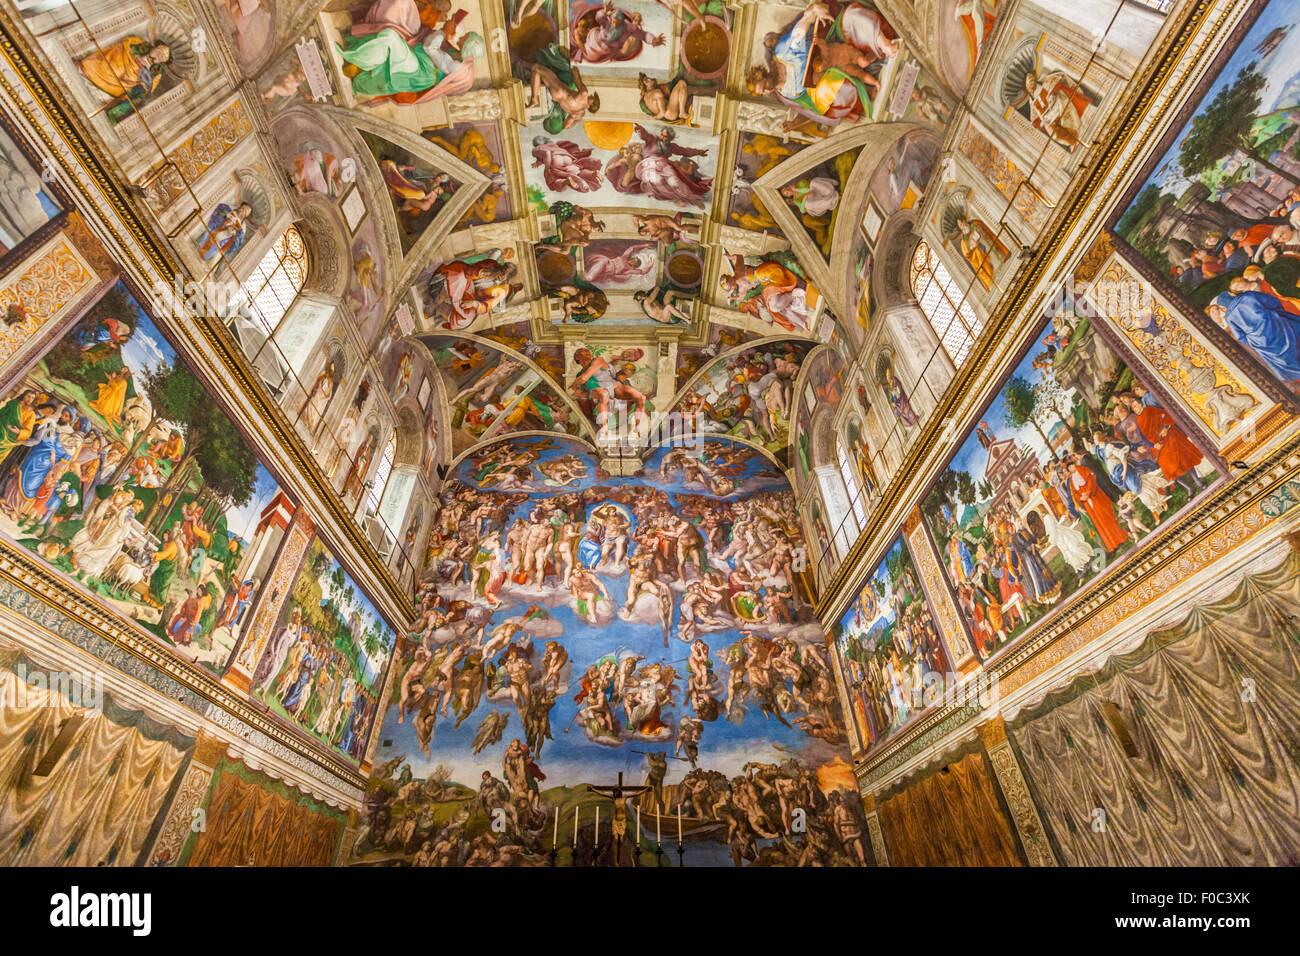 Cappella Sistina del Palazzo Apostolico Vaticano Musei Vaticani Città del Vaticano Roma Italia Europa UE Immagini Stock